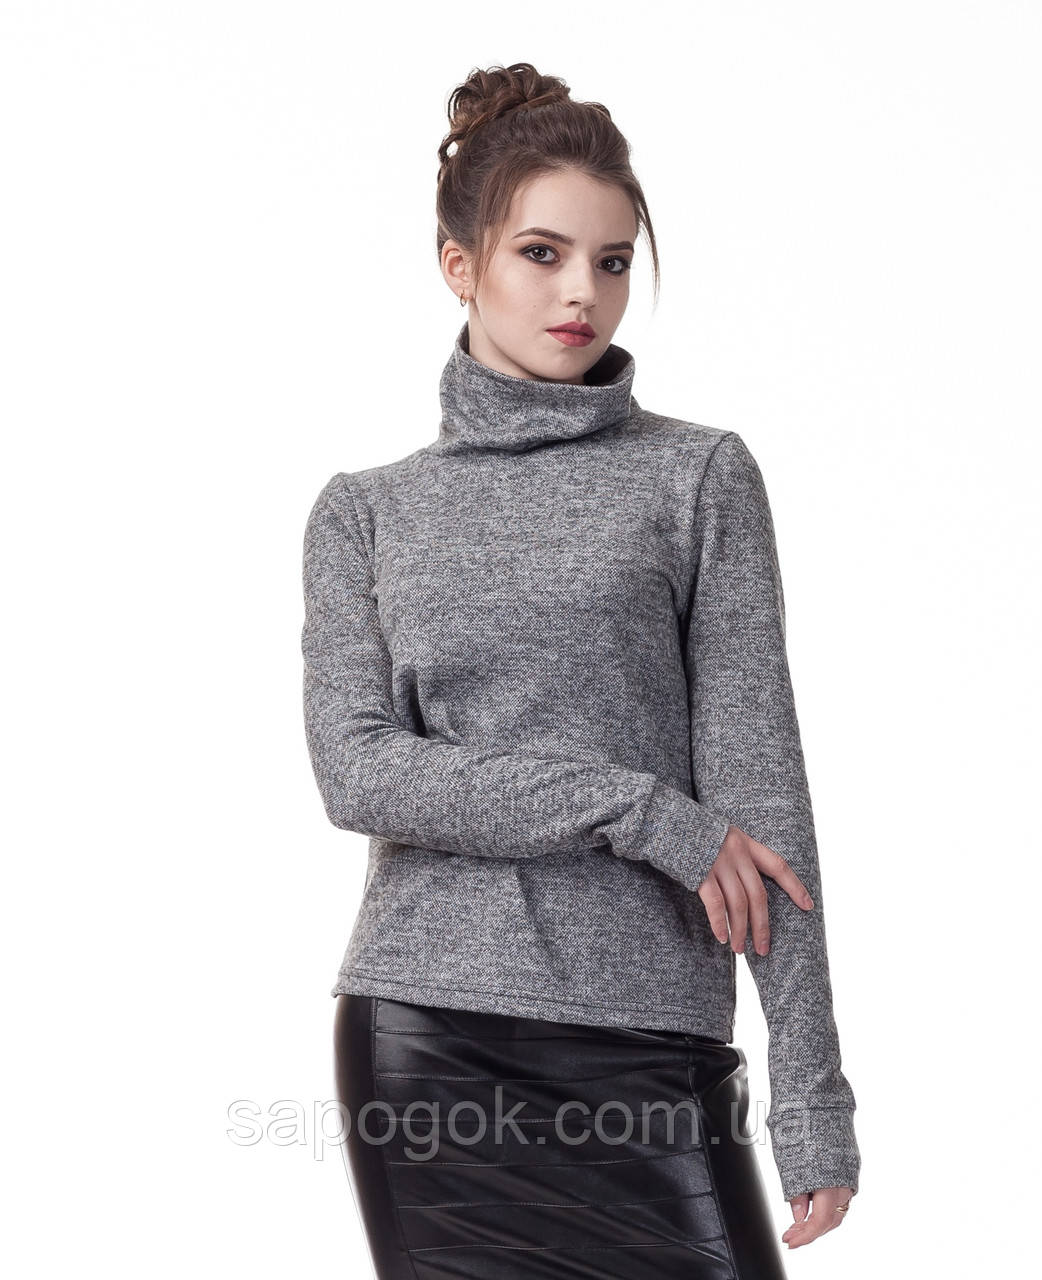 Модный женский гольф. Г014